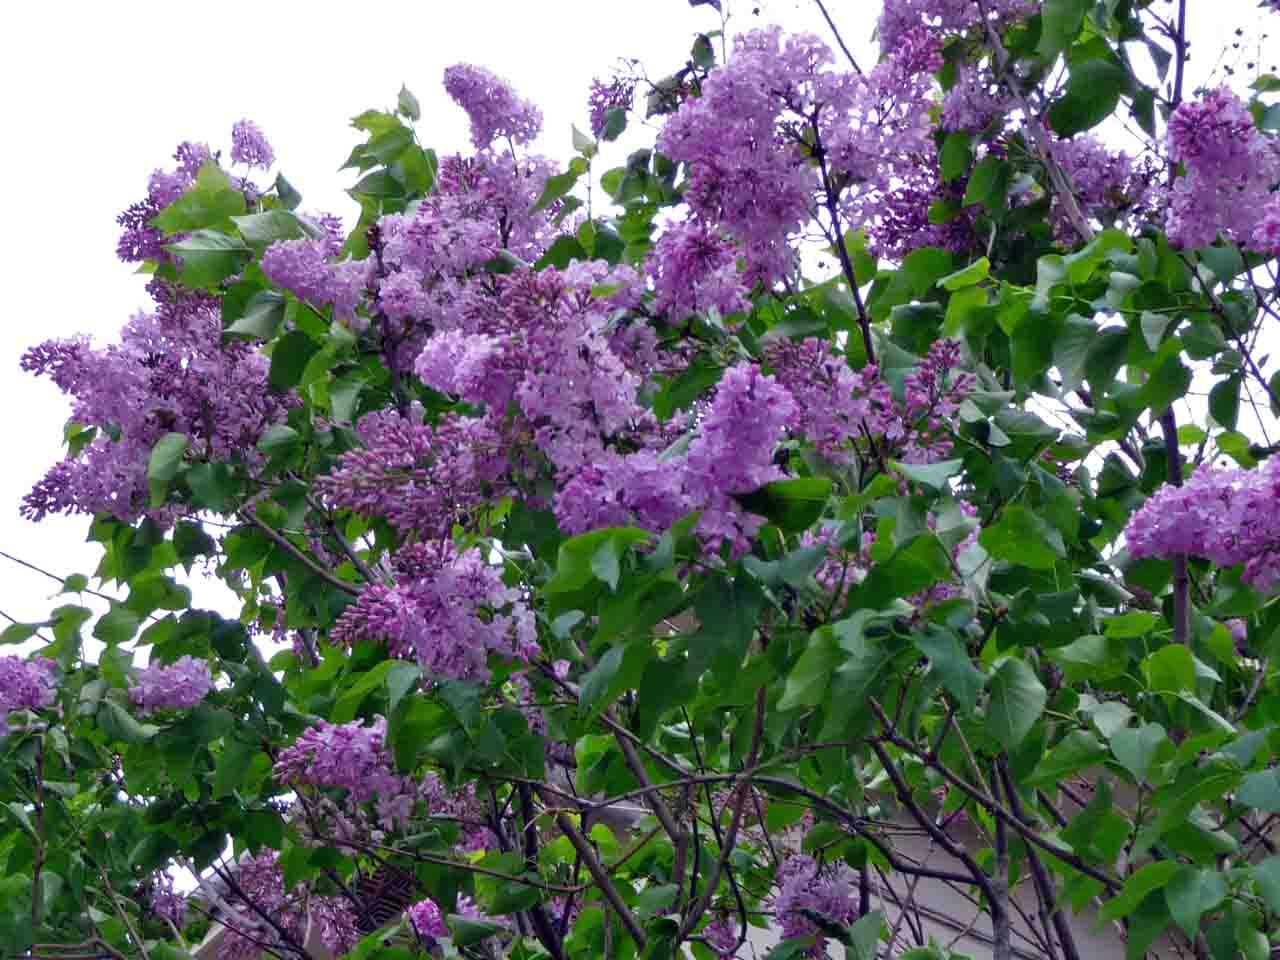 リラの花やマロニエの花が…!: 団塊の広場(カメラ、旅行 ...